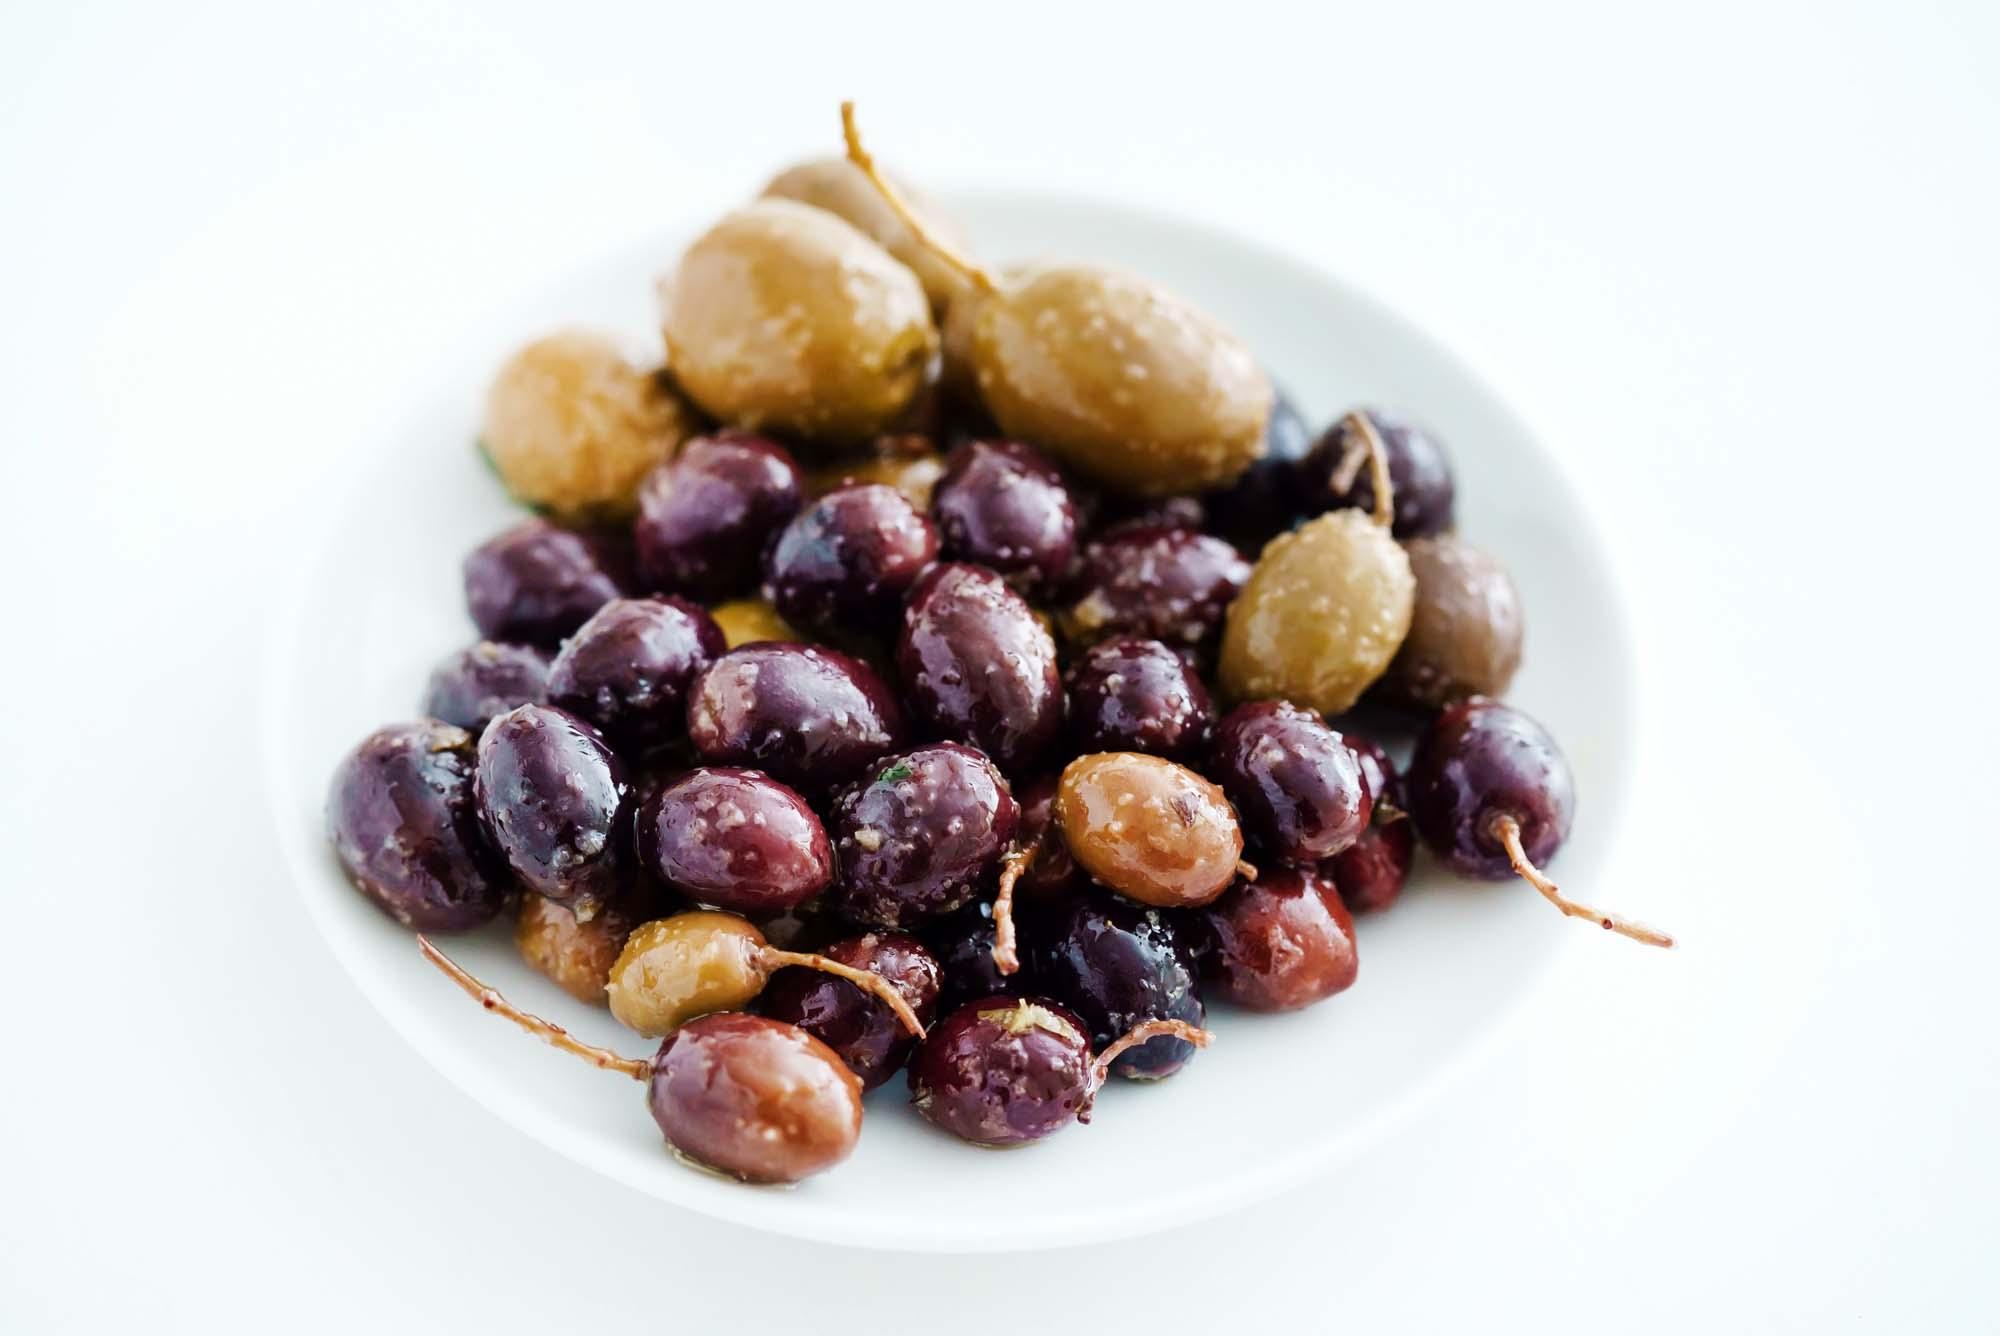 Oliven med urter